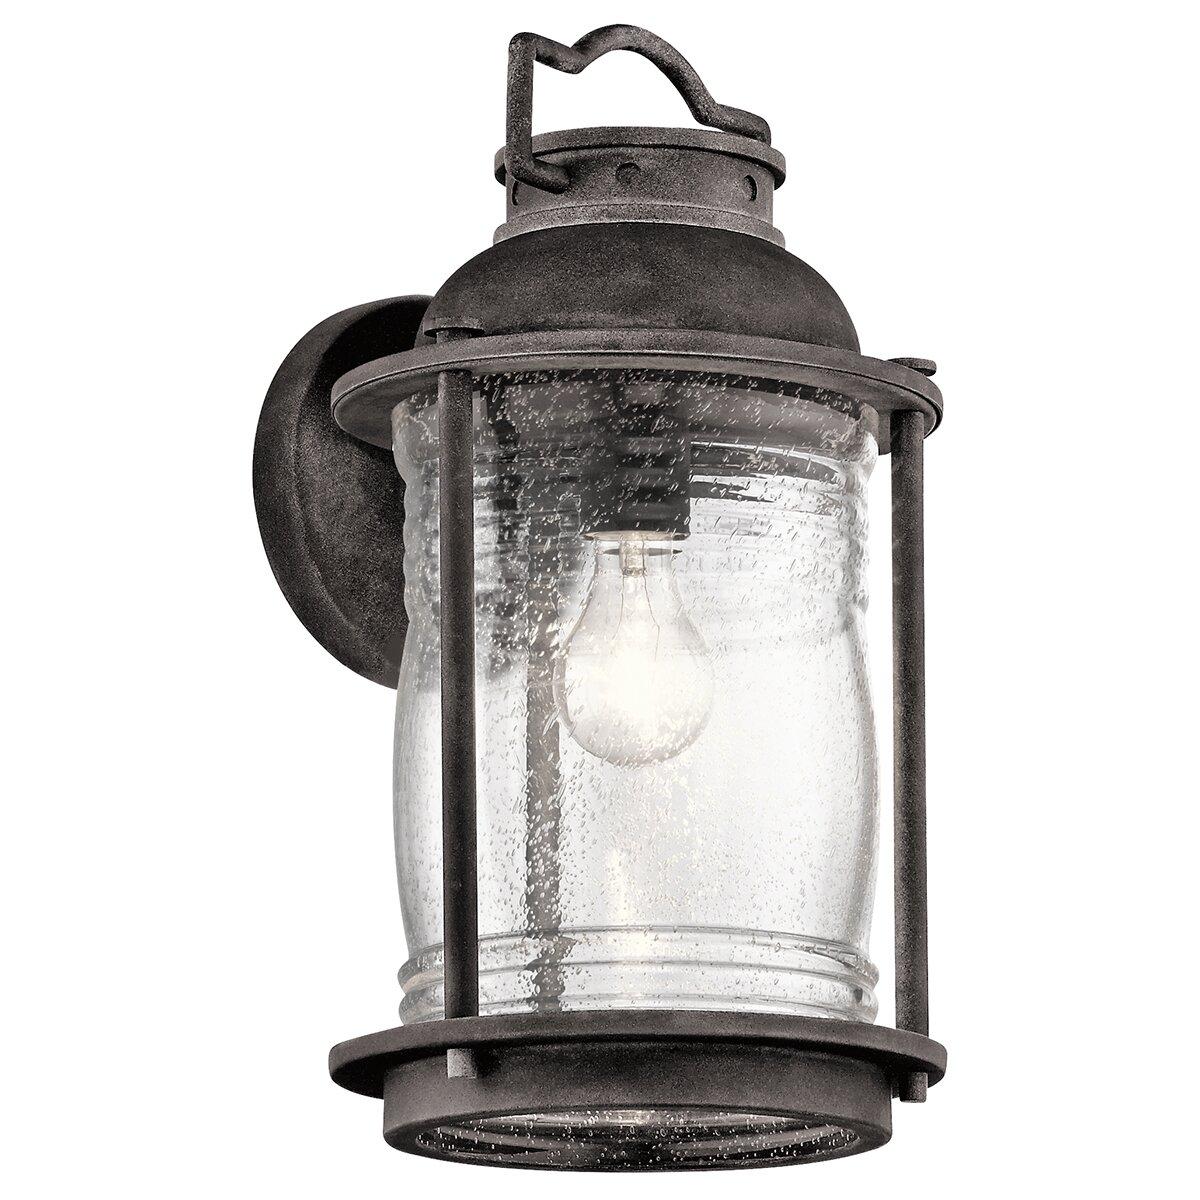 Kichler Ashland Bay Outdoor Pedestal Lantern Weathered: Ashland Bay 1 Light Outdoor Wall Lantern